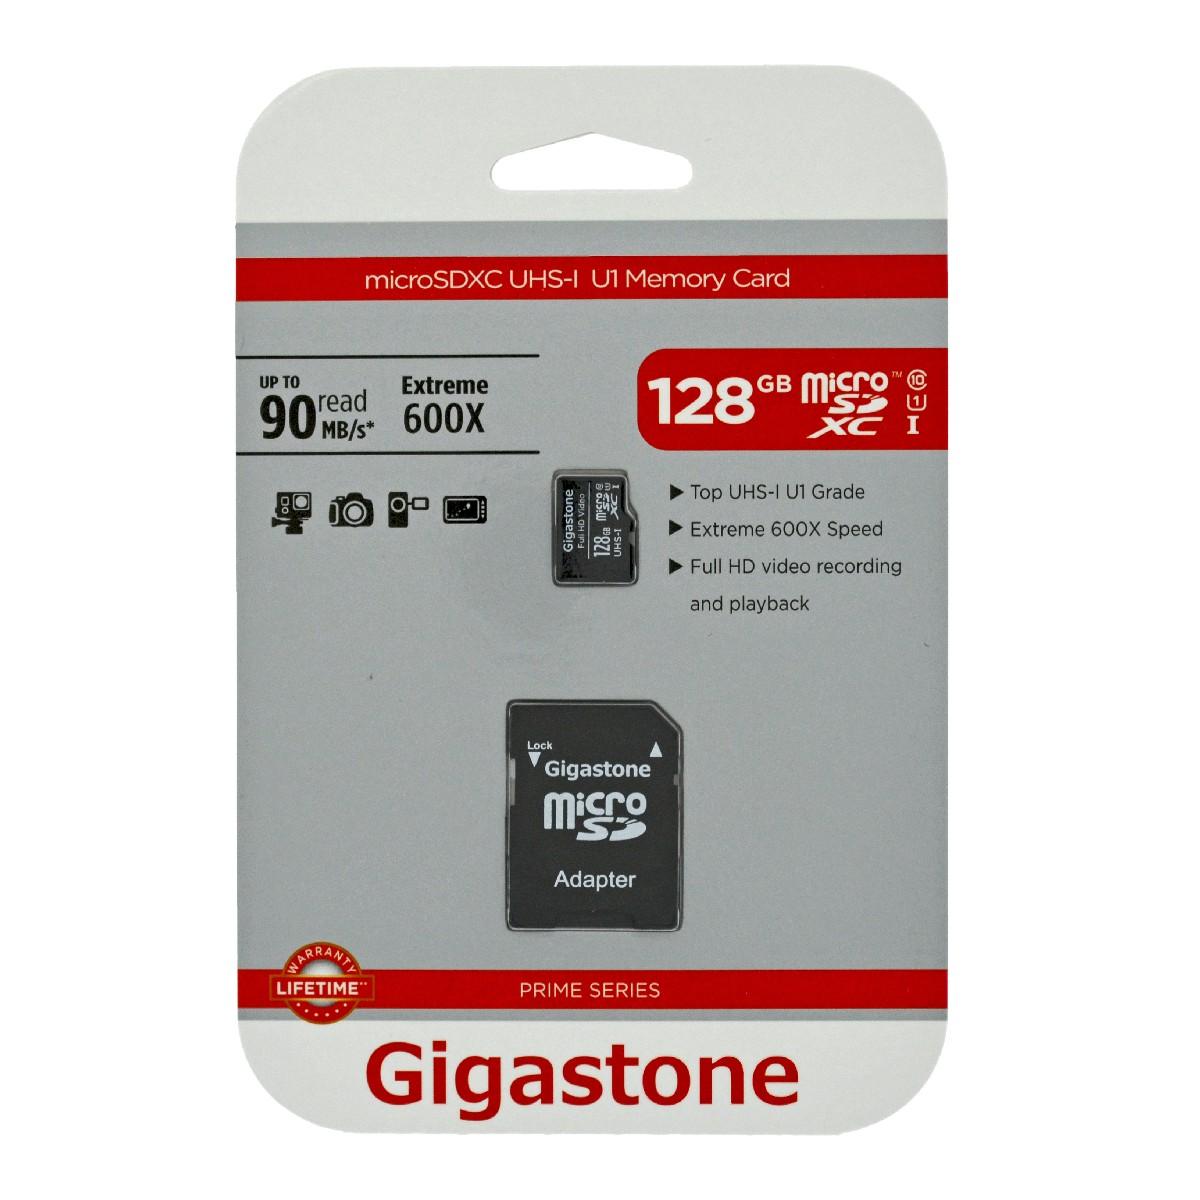 Κάρτα Μνήμης Gigastone MicroSDXC UHS-1 128GB C10 Prime Series με SD Αντάπτορα up to 90 MB/s